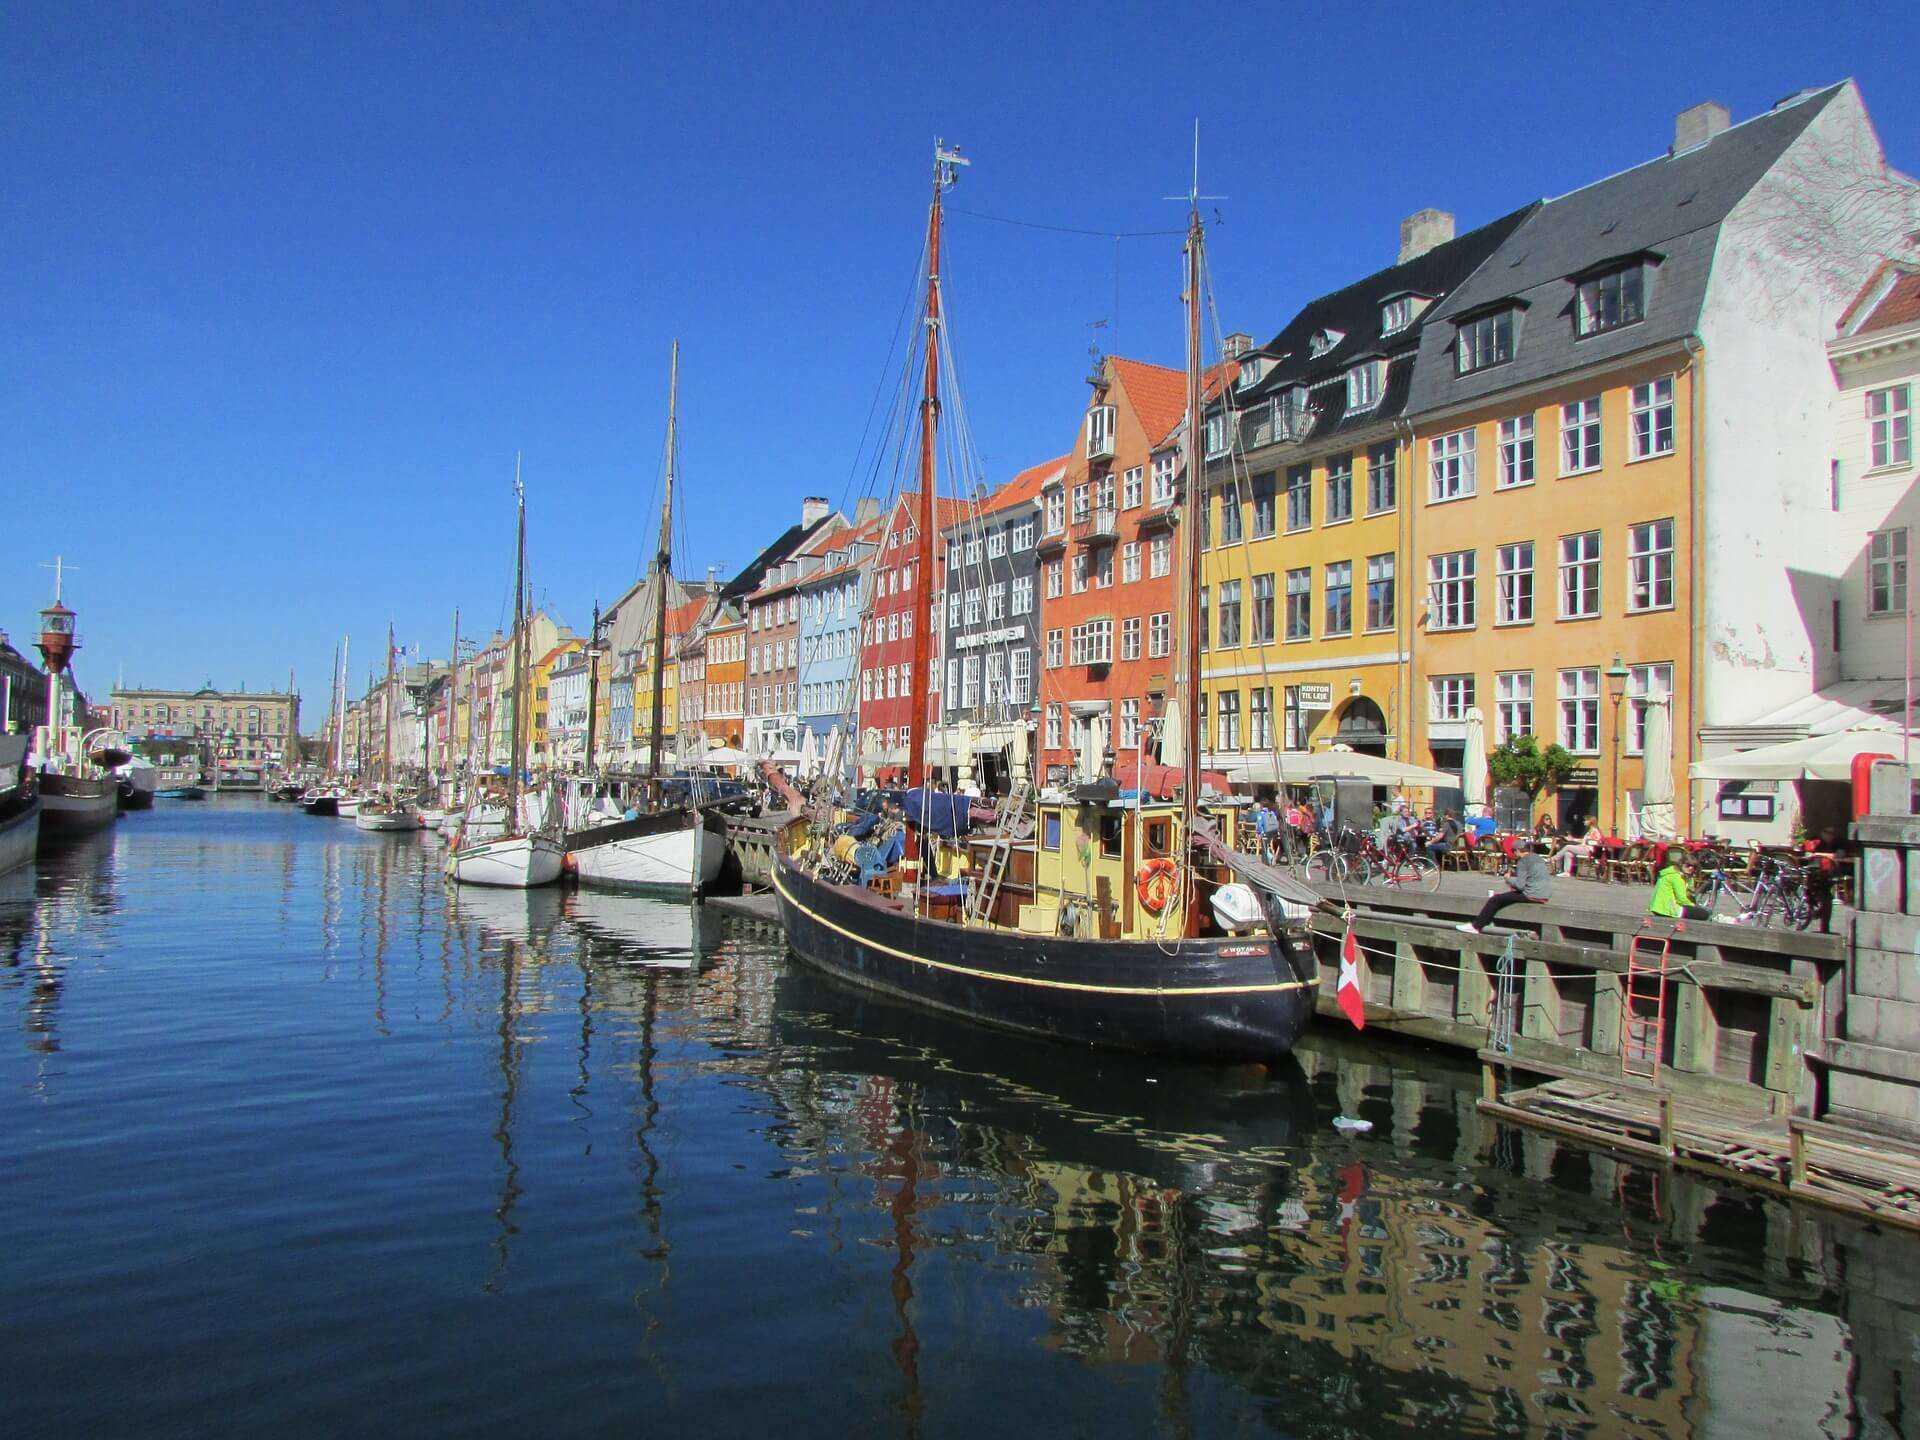 Direktflüge und Billigflüge ab Berlin-Tegel nach Kopenhagen